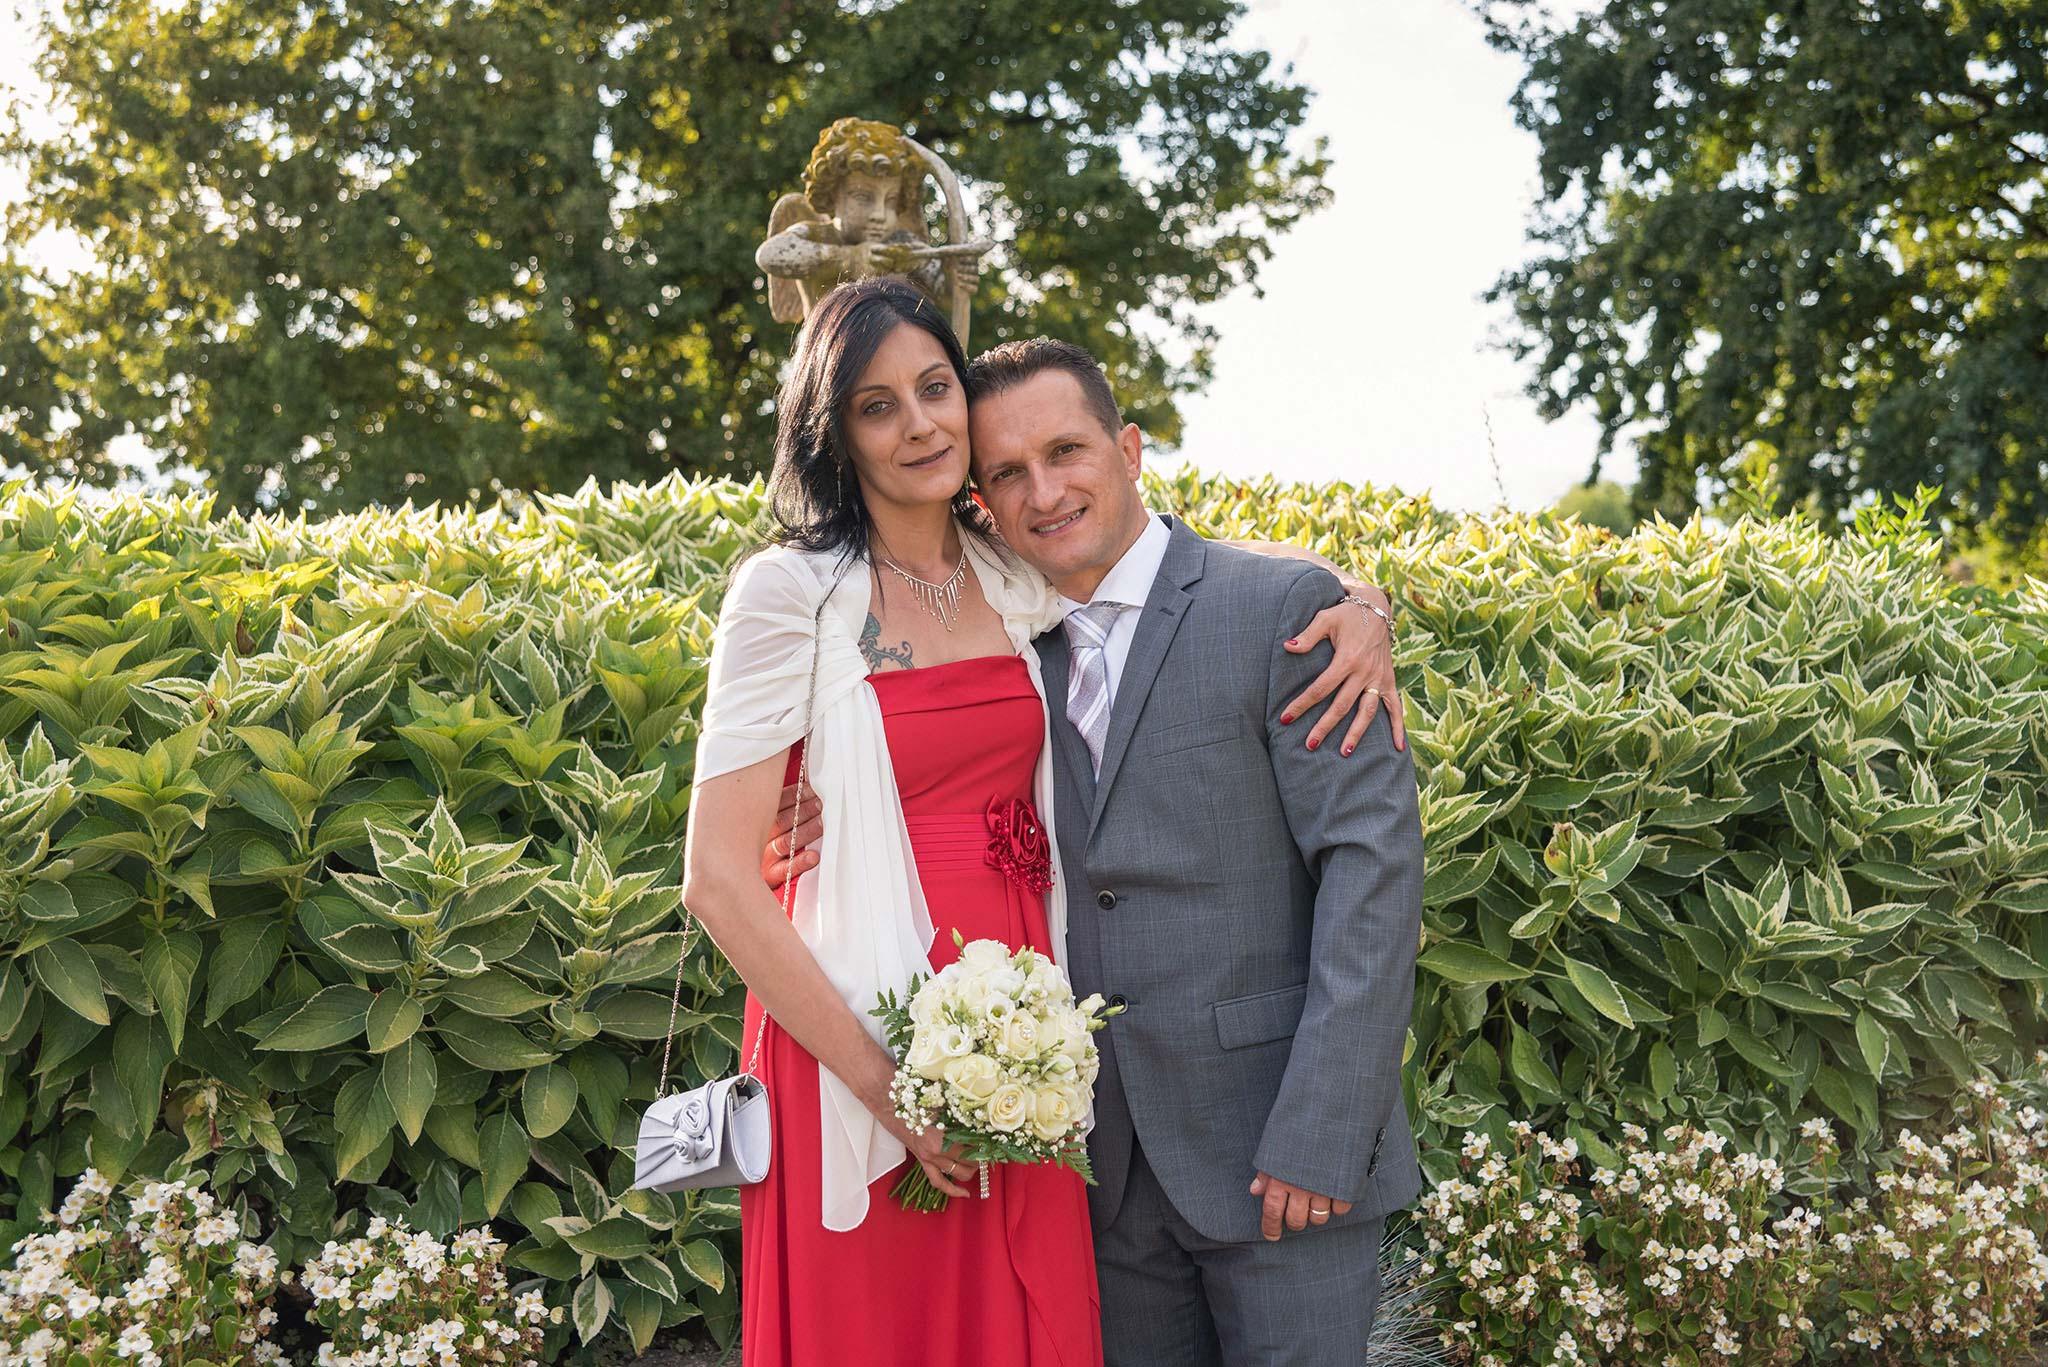 Matrimonio Bra Sonia Antonio - Wdding Matrimonio Emanuele Tibaldi Fotografo 3 - Fotografo-matrimonio-Bra - Fotografo-matrimonio-Bra